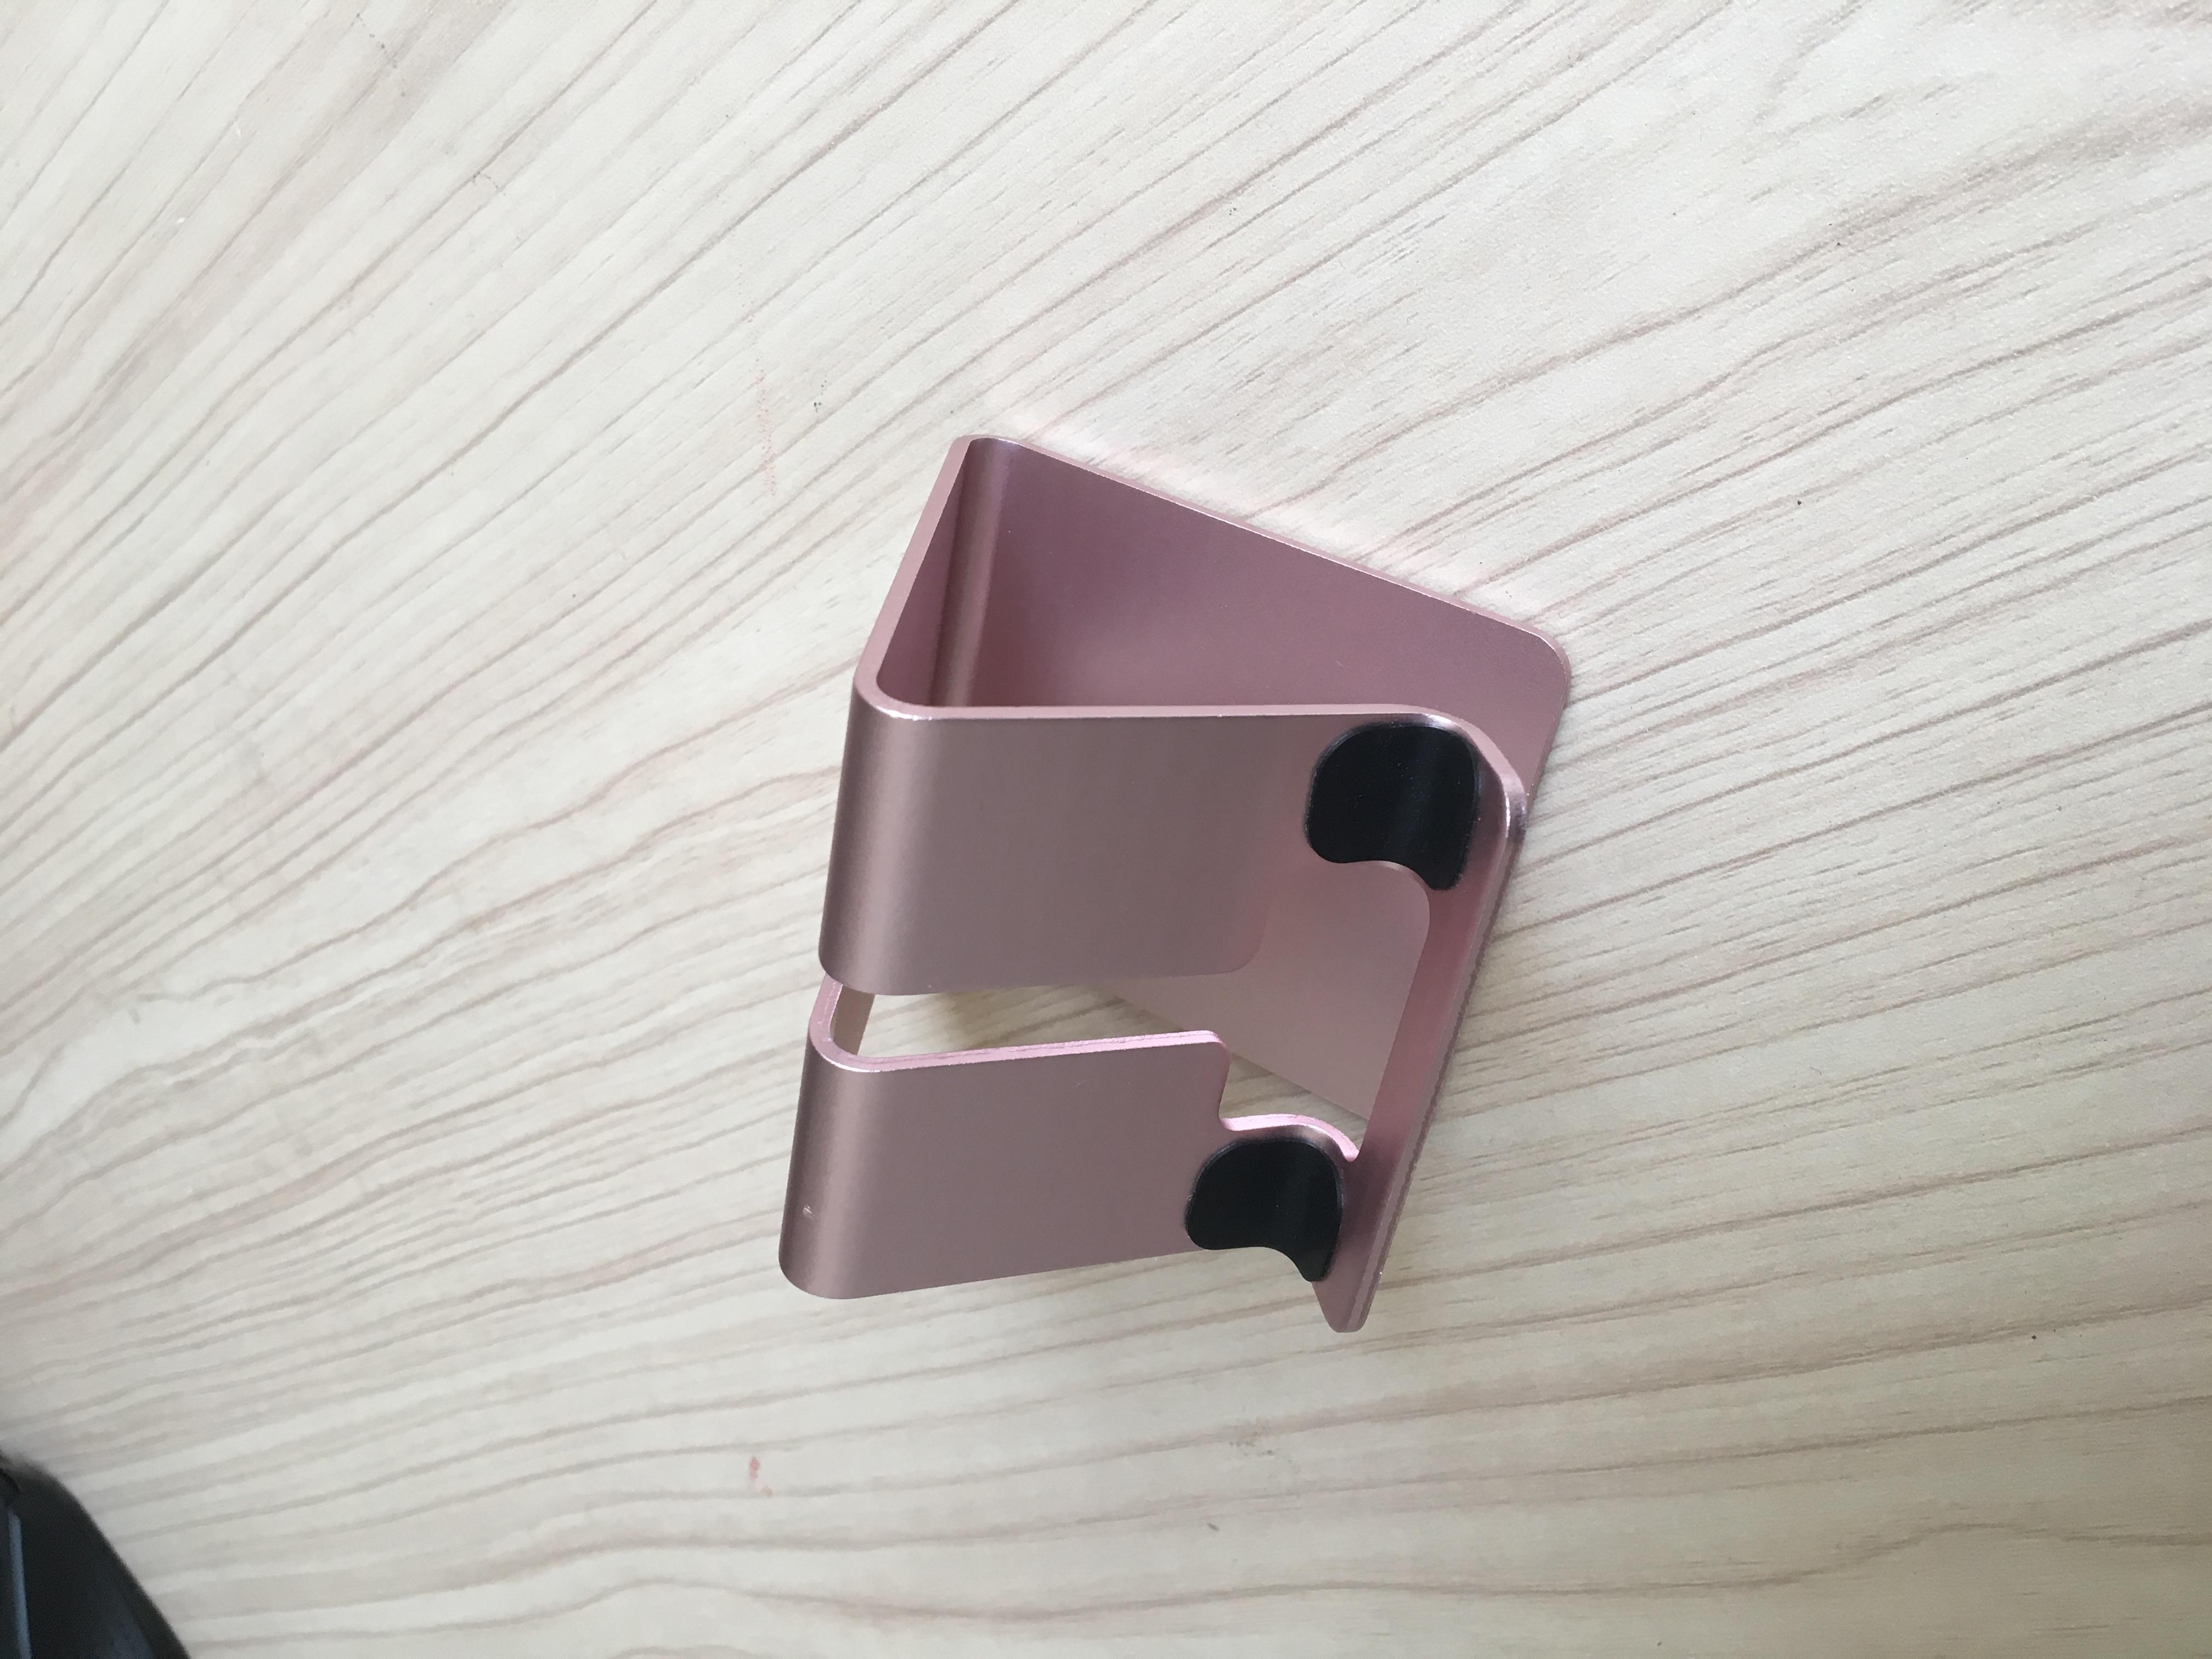 供应钣金加工手机支架直销厂家CNC加工冲压件加工